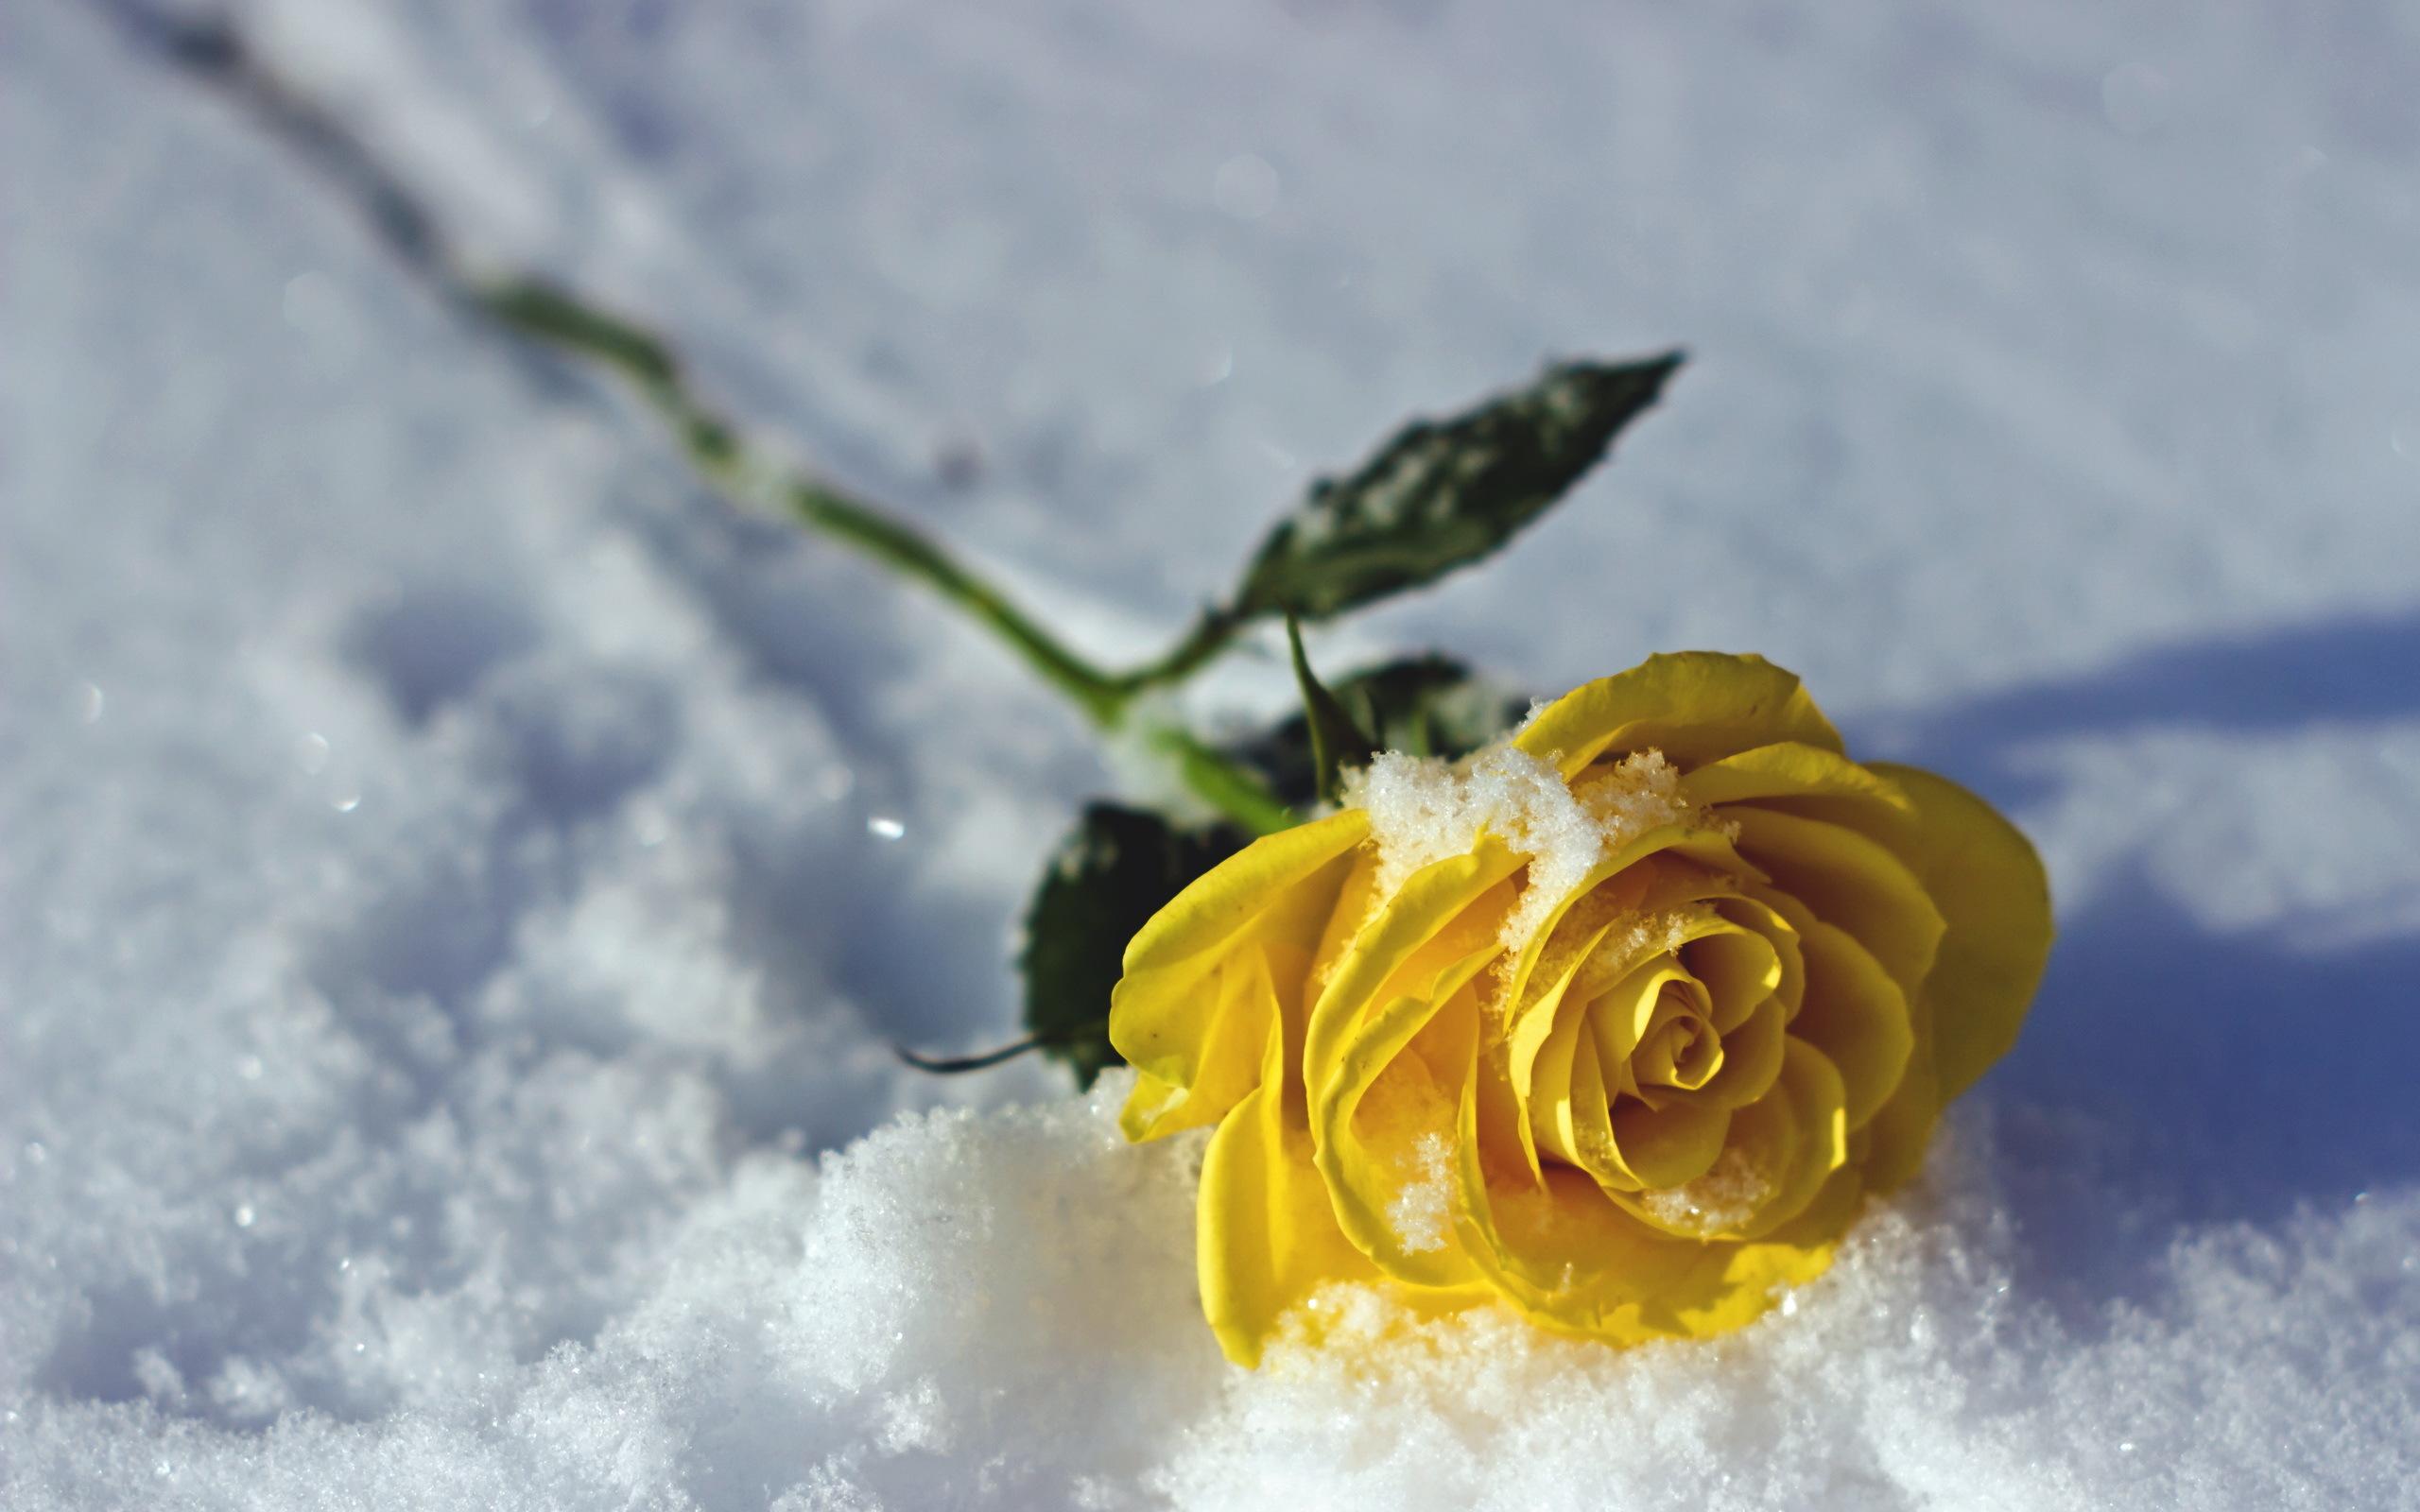 Открытка с цветами на снегу, открытка мужчине зимние